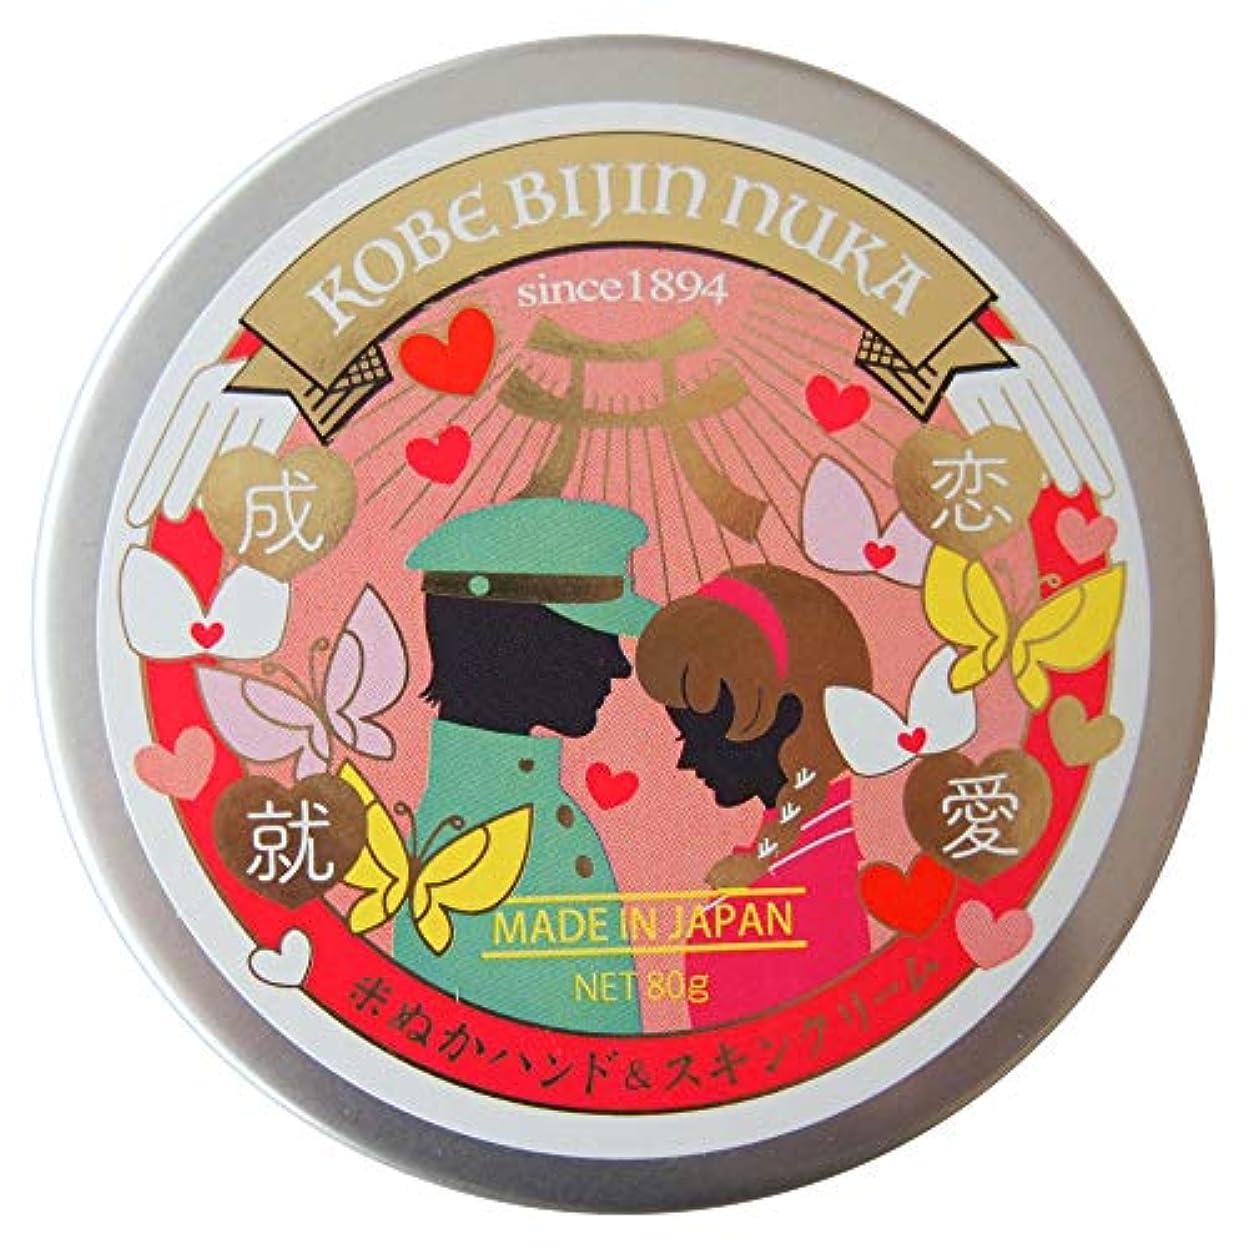 交差点ヘルシー寸前神戸美人ぬか 米ぬかハンド&スキンクリーム(恋愛成就)【キュートフローラルの香り】 80g